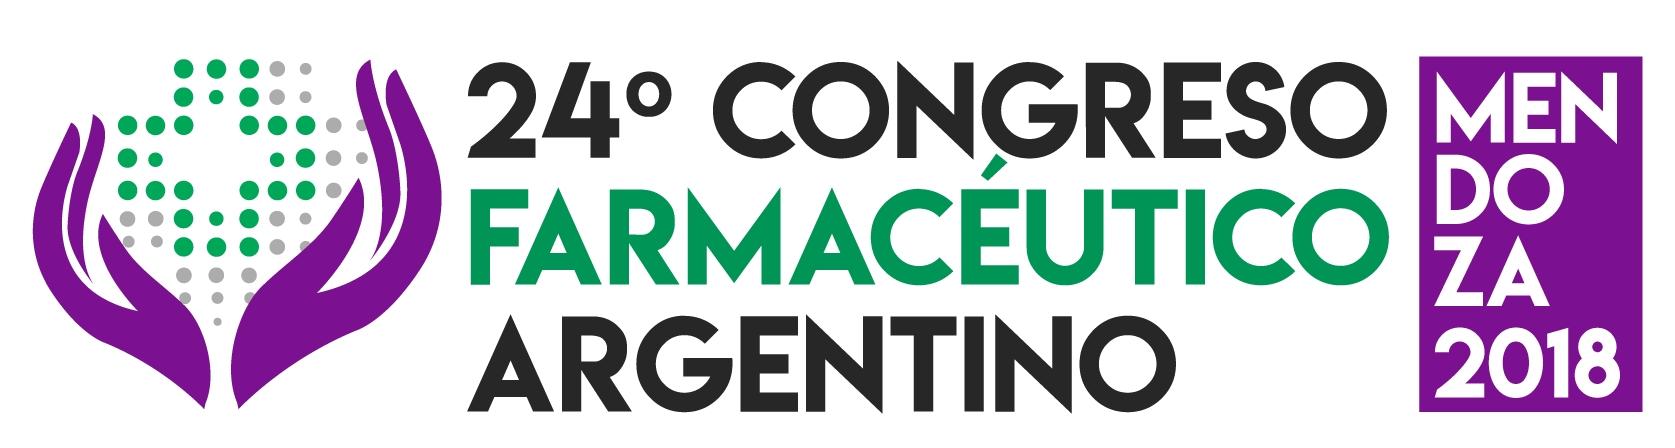 Comienza el 24° Congreso Farmacéutico Argentino Mendoza 2018